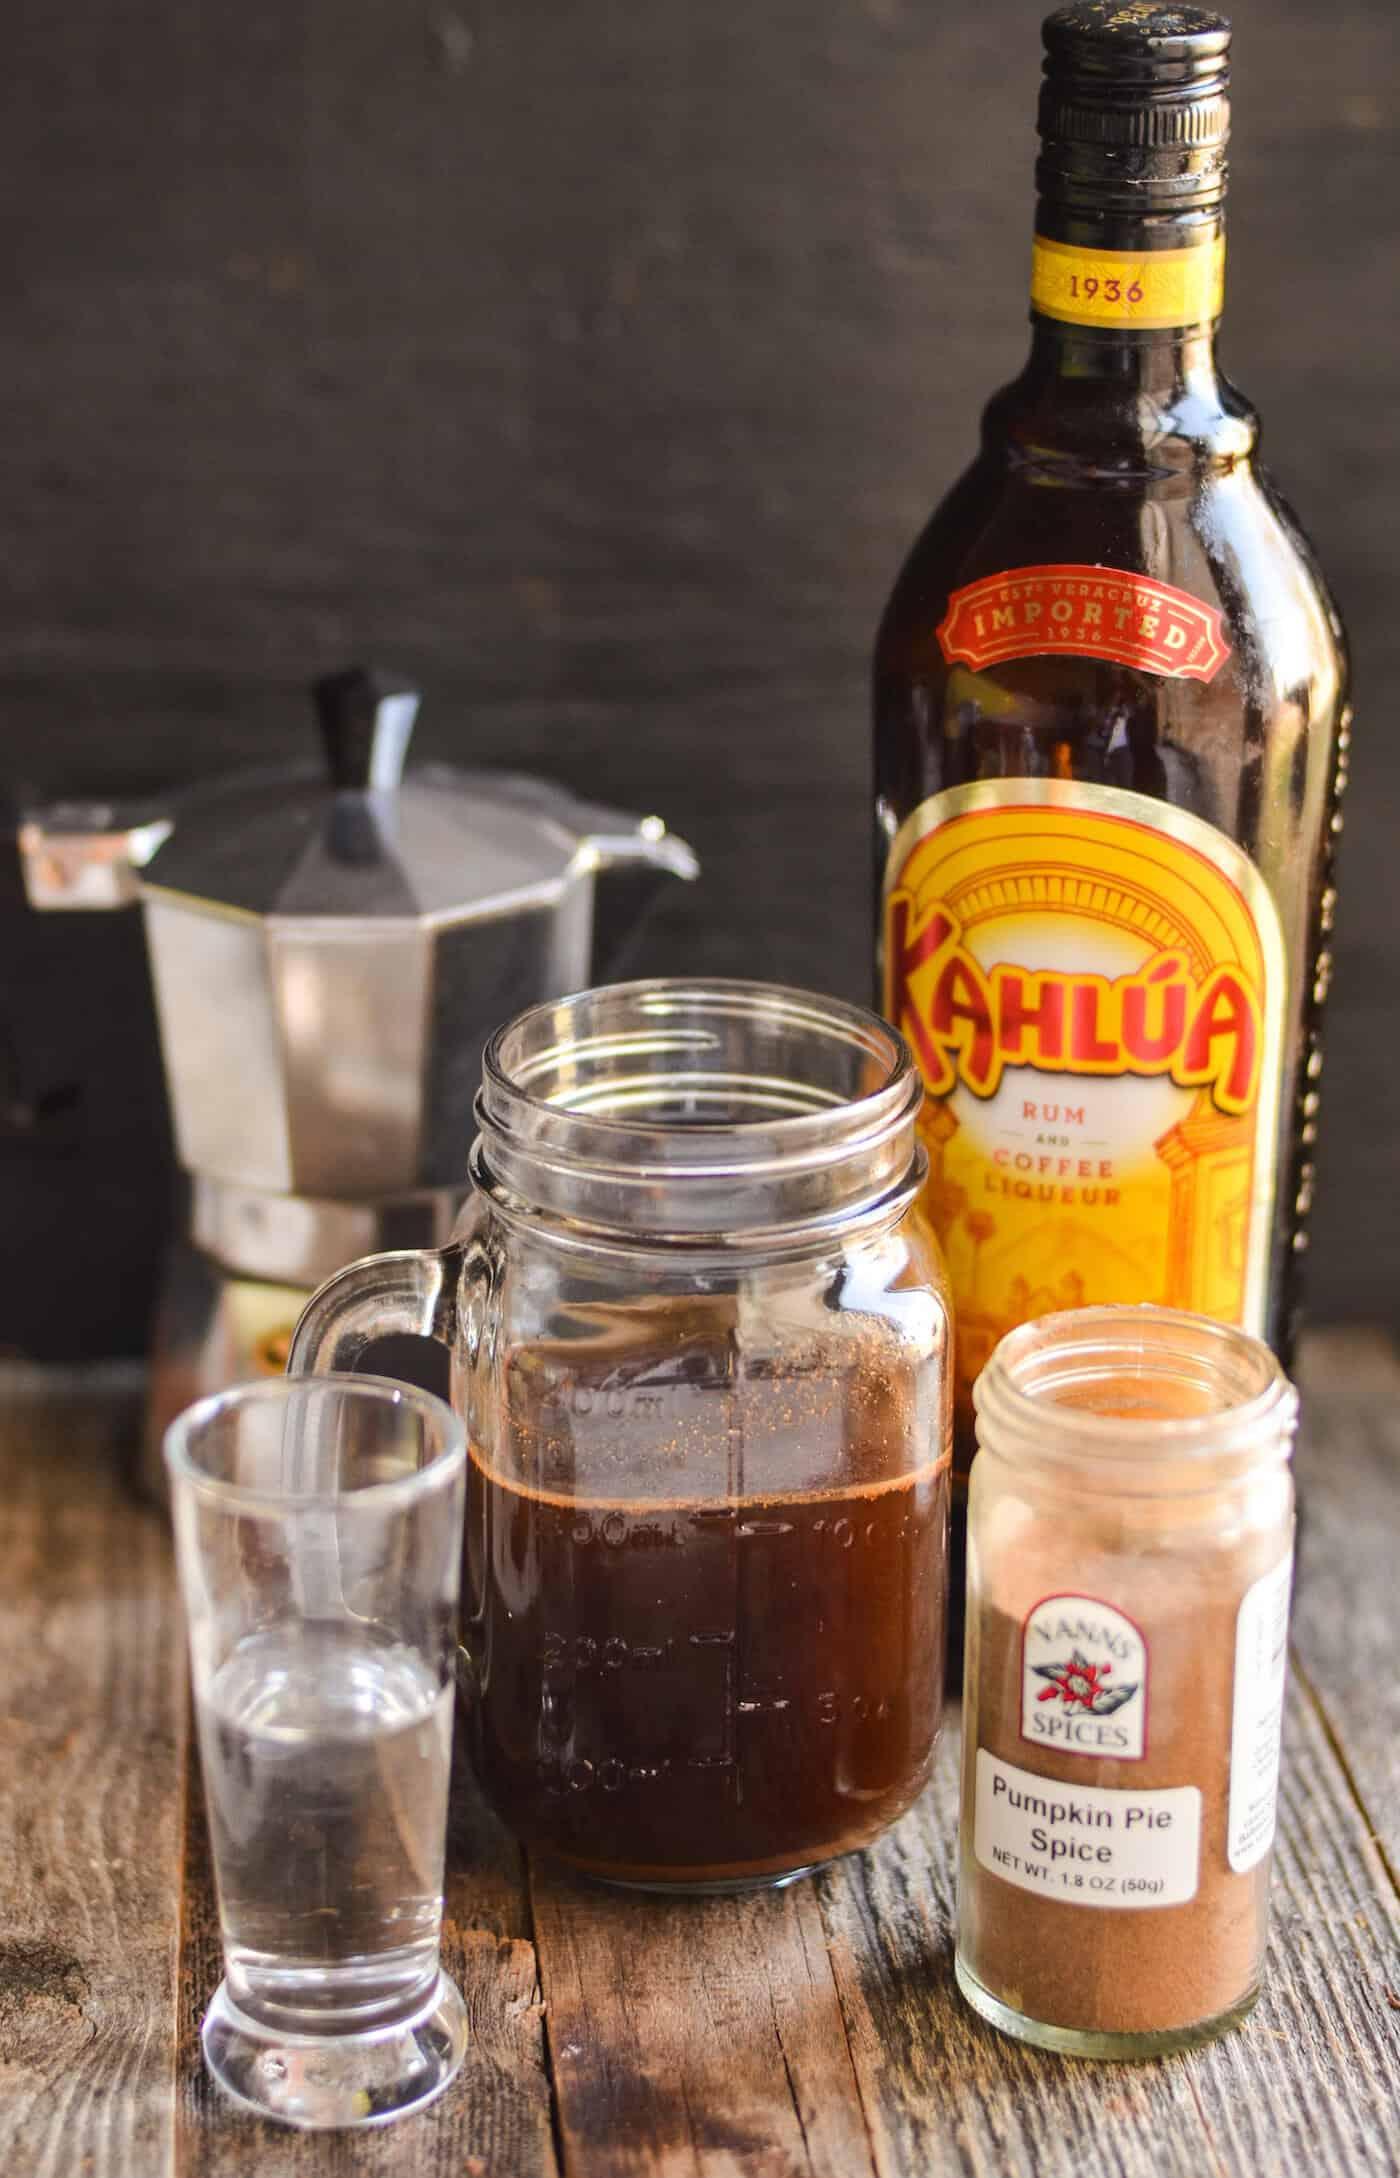 Coffee in a mason jar, bottle of Kahlua, pumpkin pie spice, shot of vodka